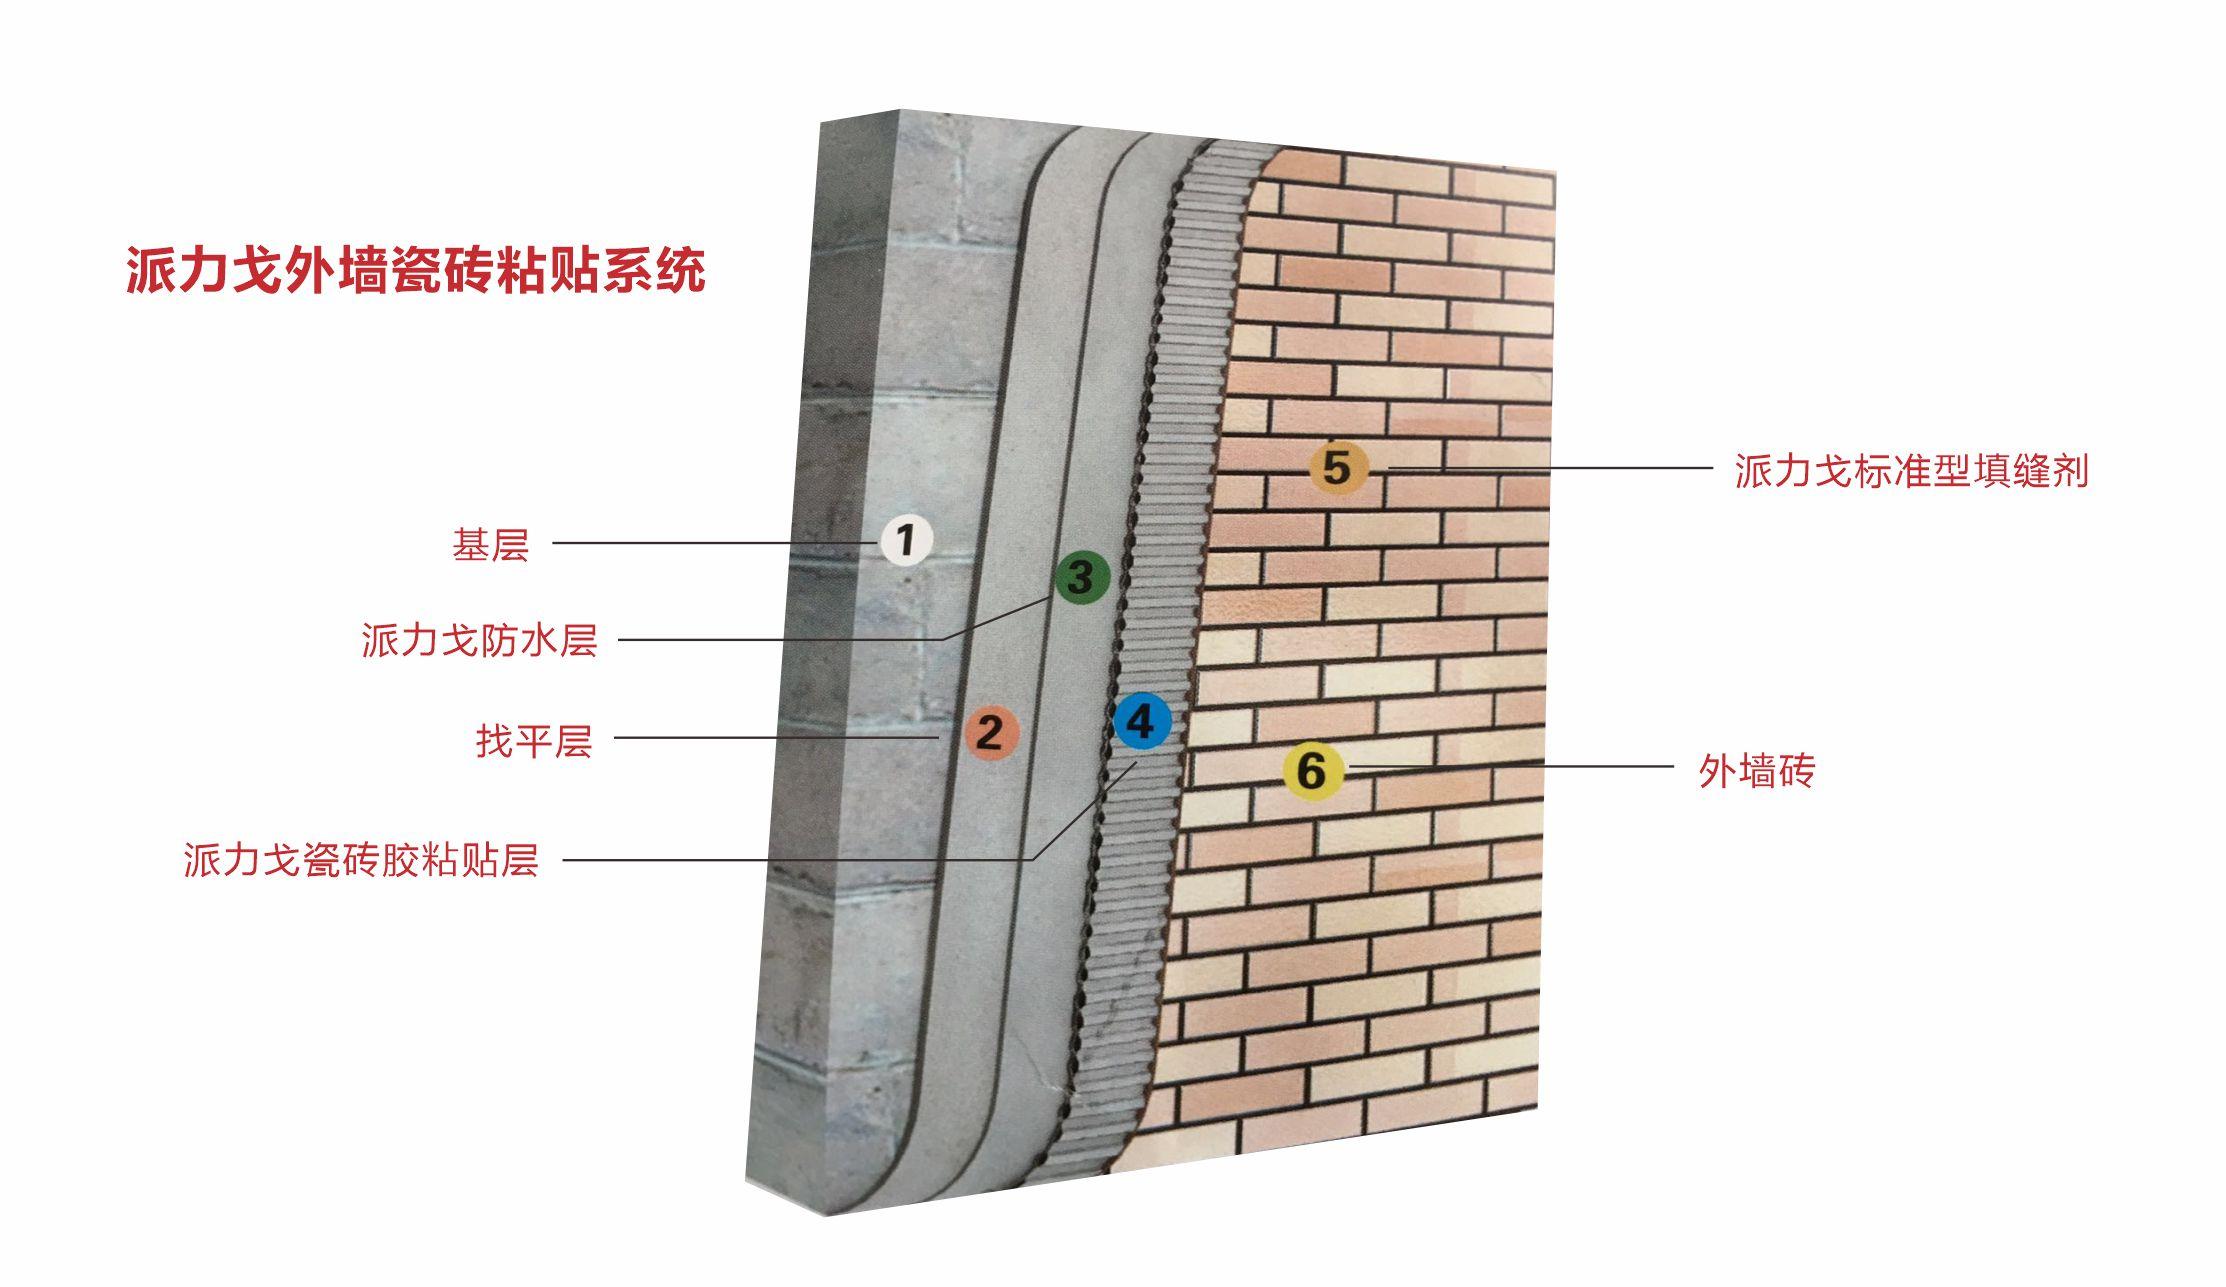 亞遊集團app下載外牆瓷磚粘貼係統